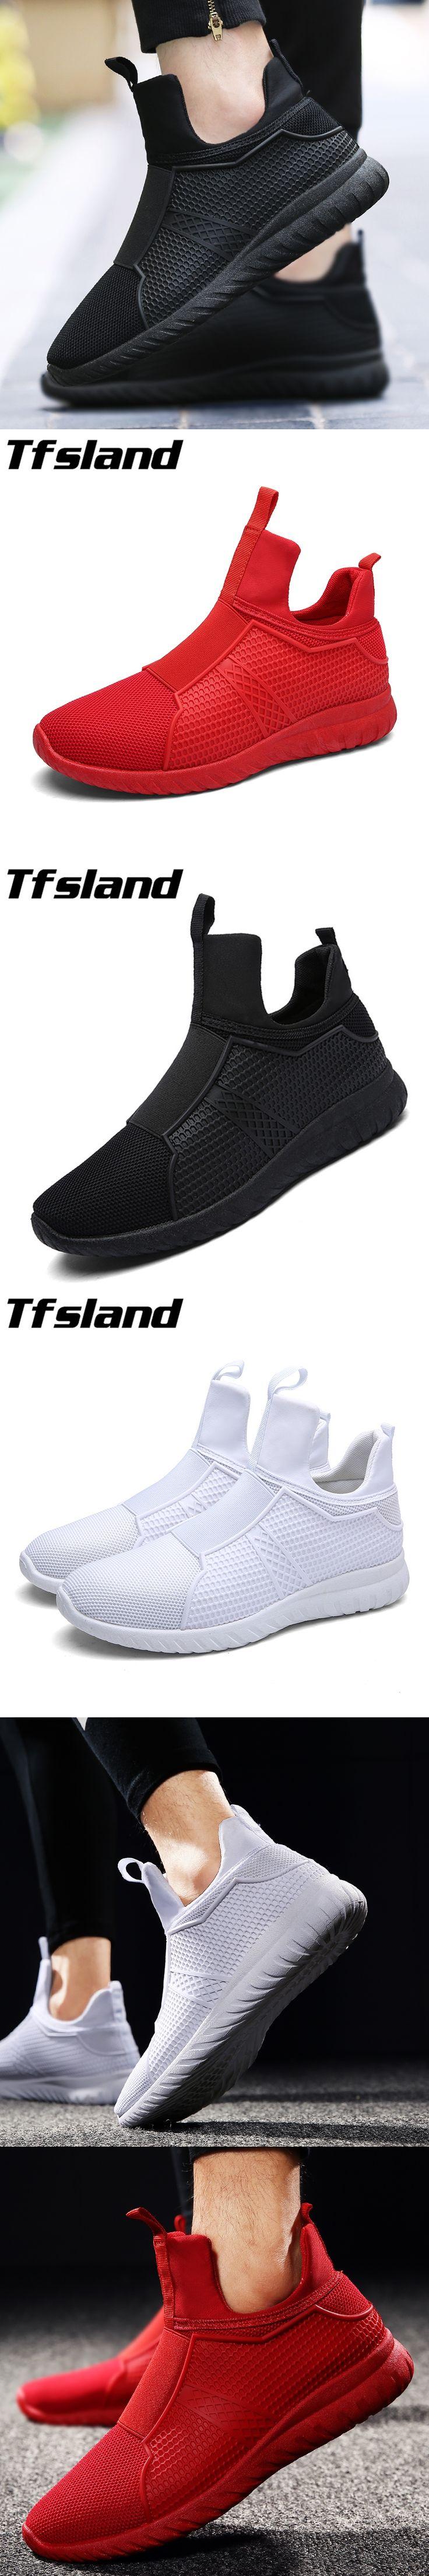 Buy 232234 Nike Roshe Run Unisex Black Shoes